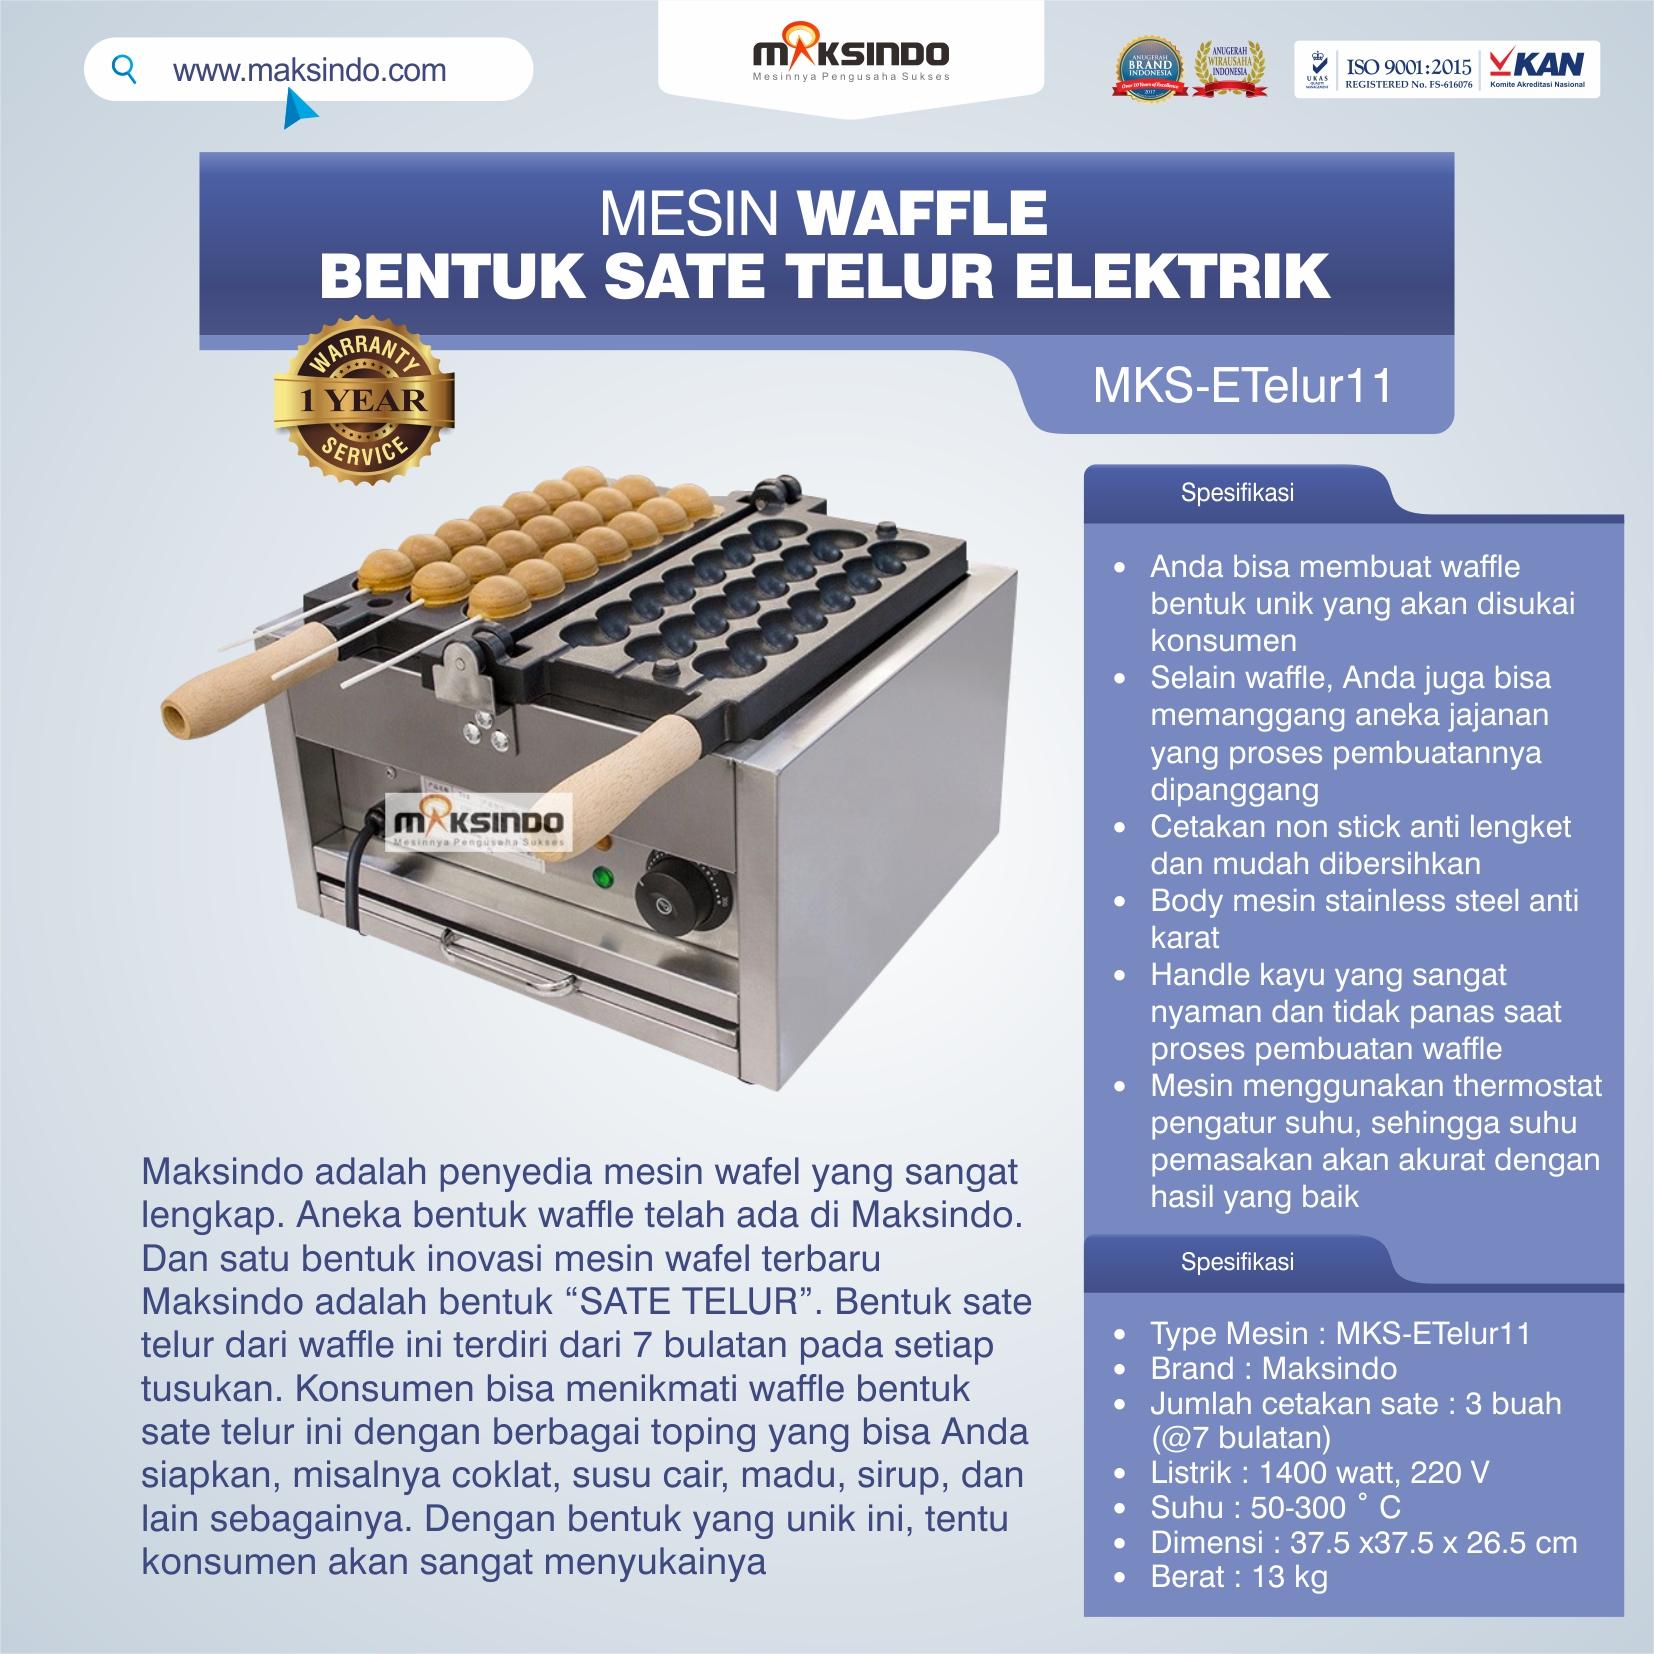 Jual Mesin Waffle Bentuk Sate Telur Elektrik – MKS-ETelur11 di Bekasi